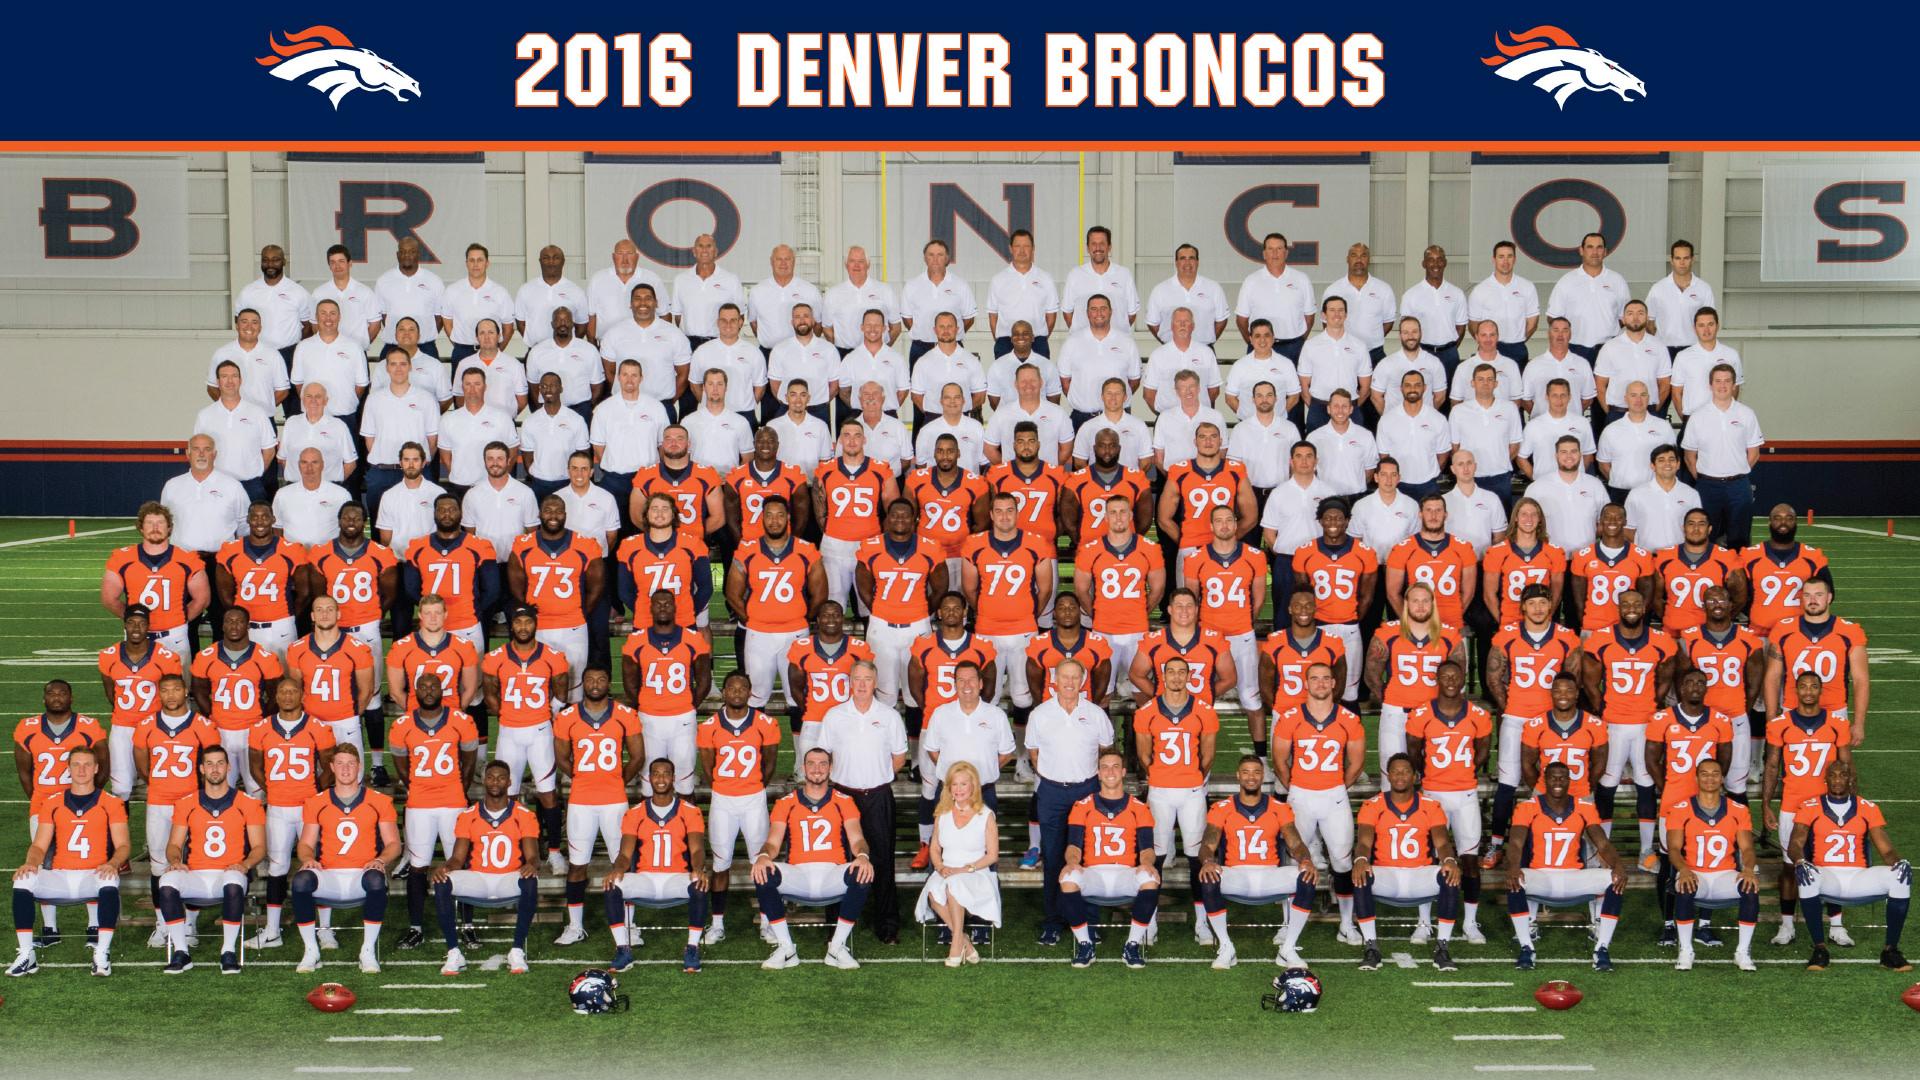 2016 Denver Broncos